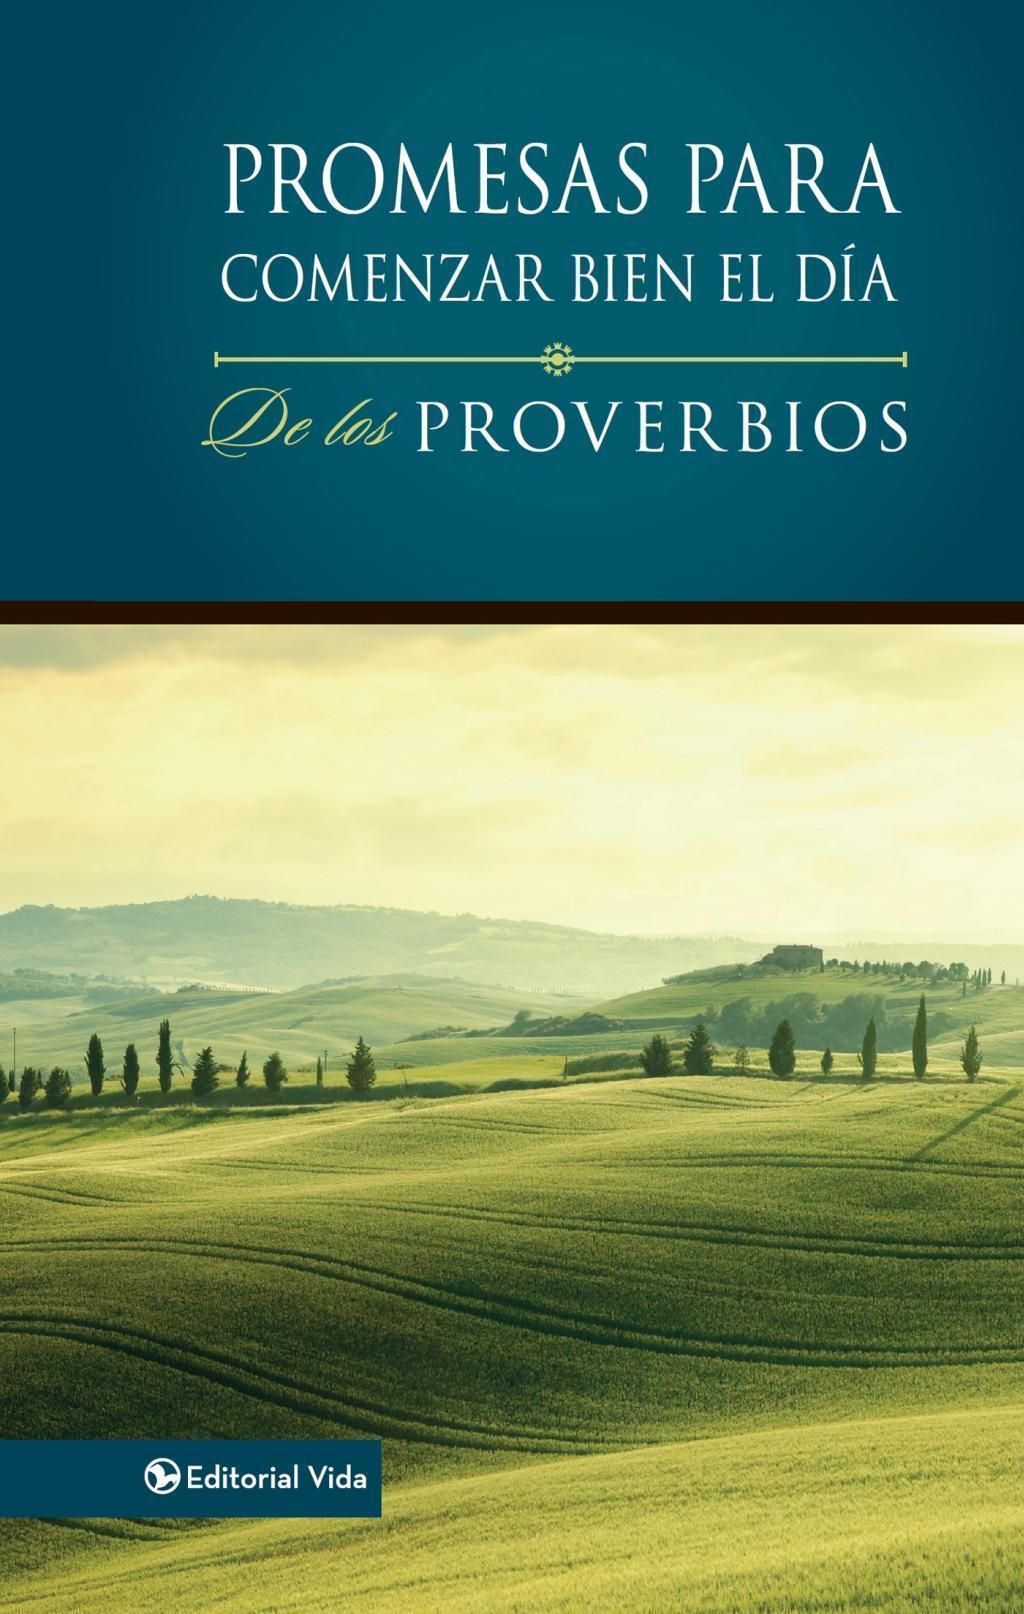 Promesas para comenzar bien el día de los Proverbios